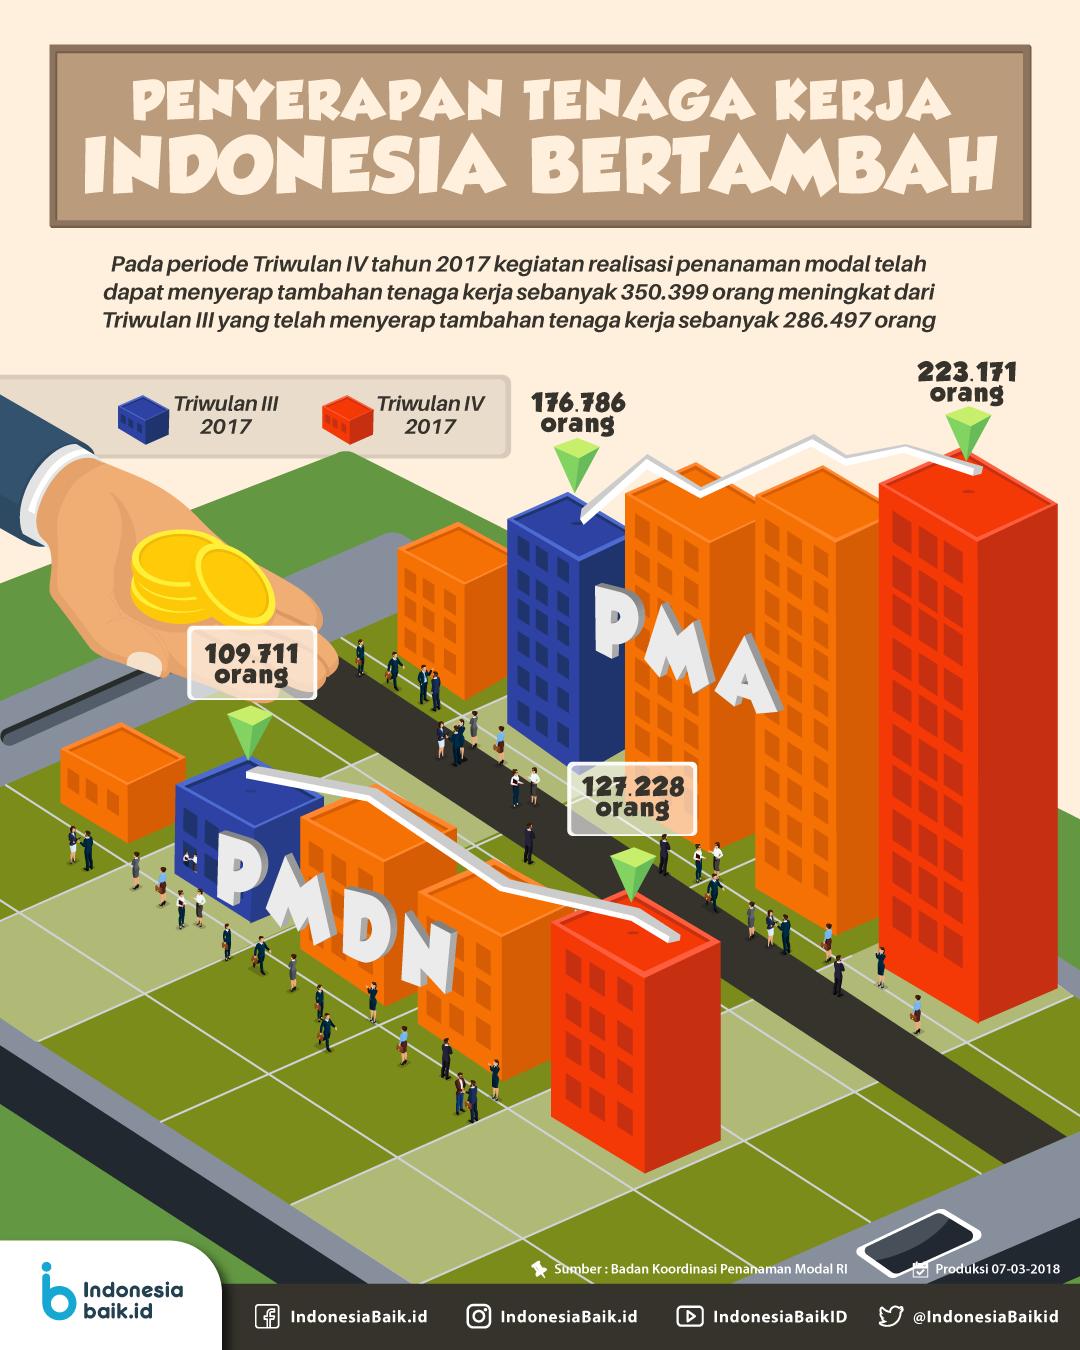 Penyerapan Tenaga Kerja Indonesia Bertambah